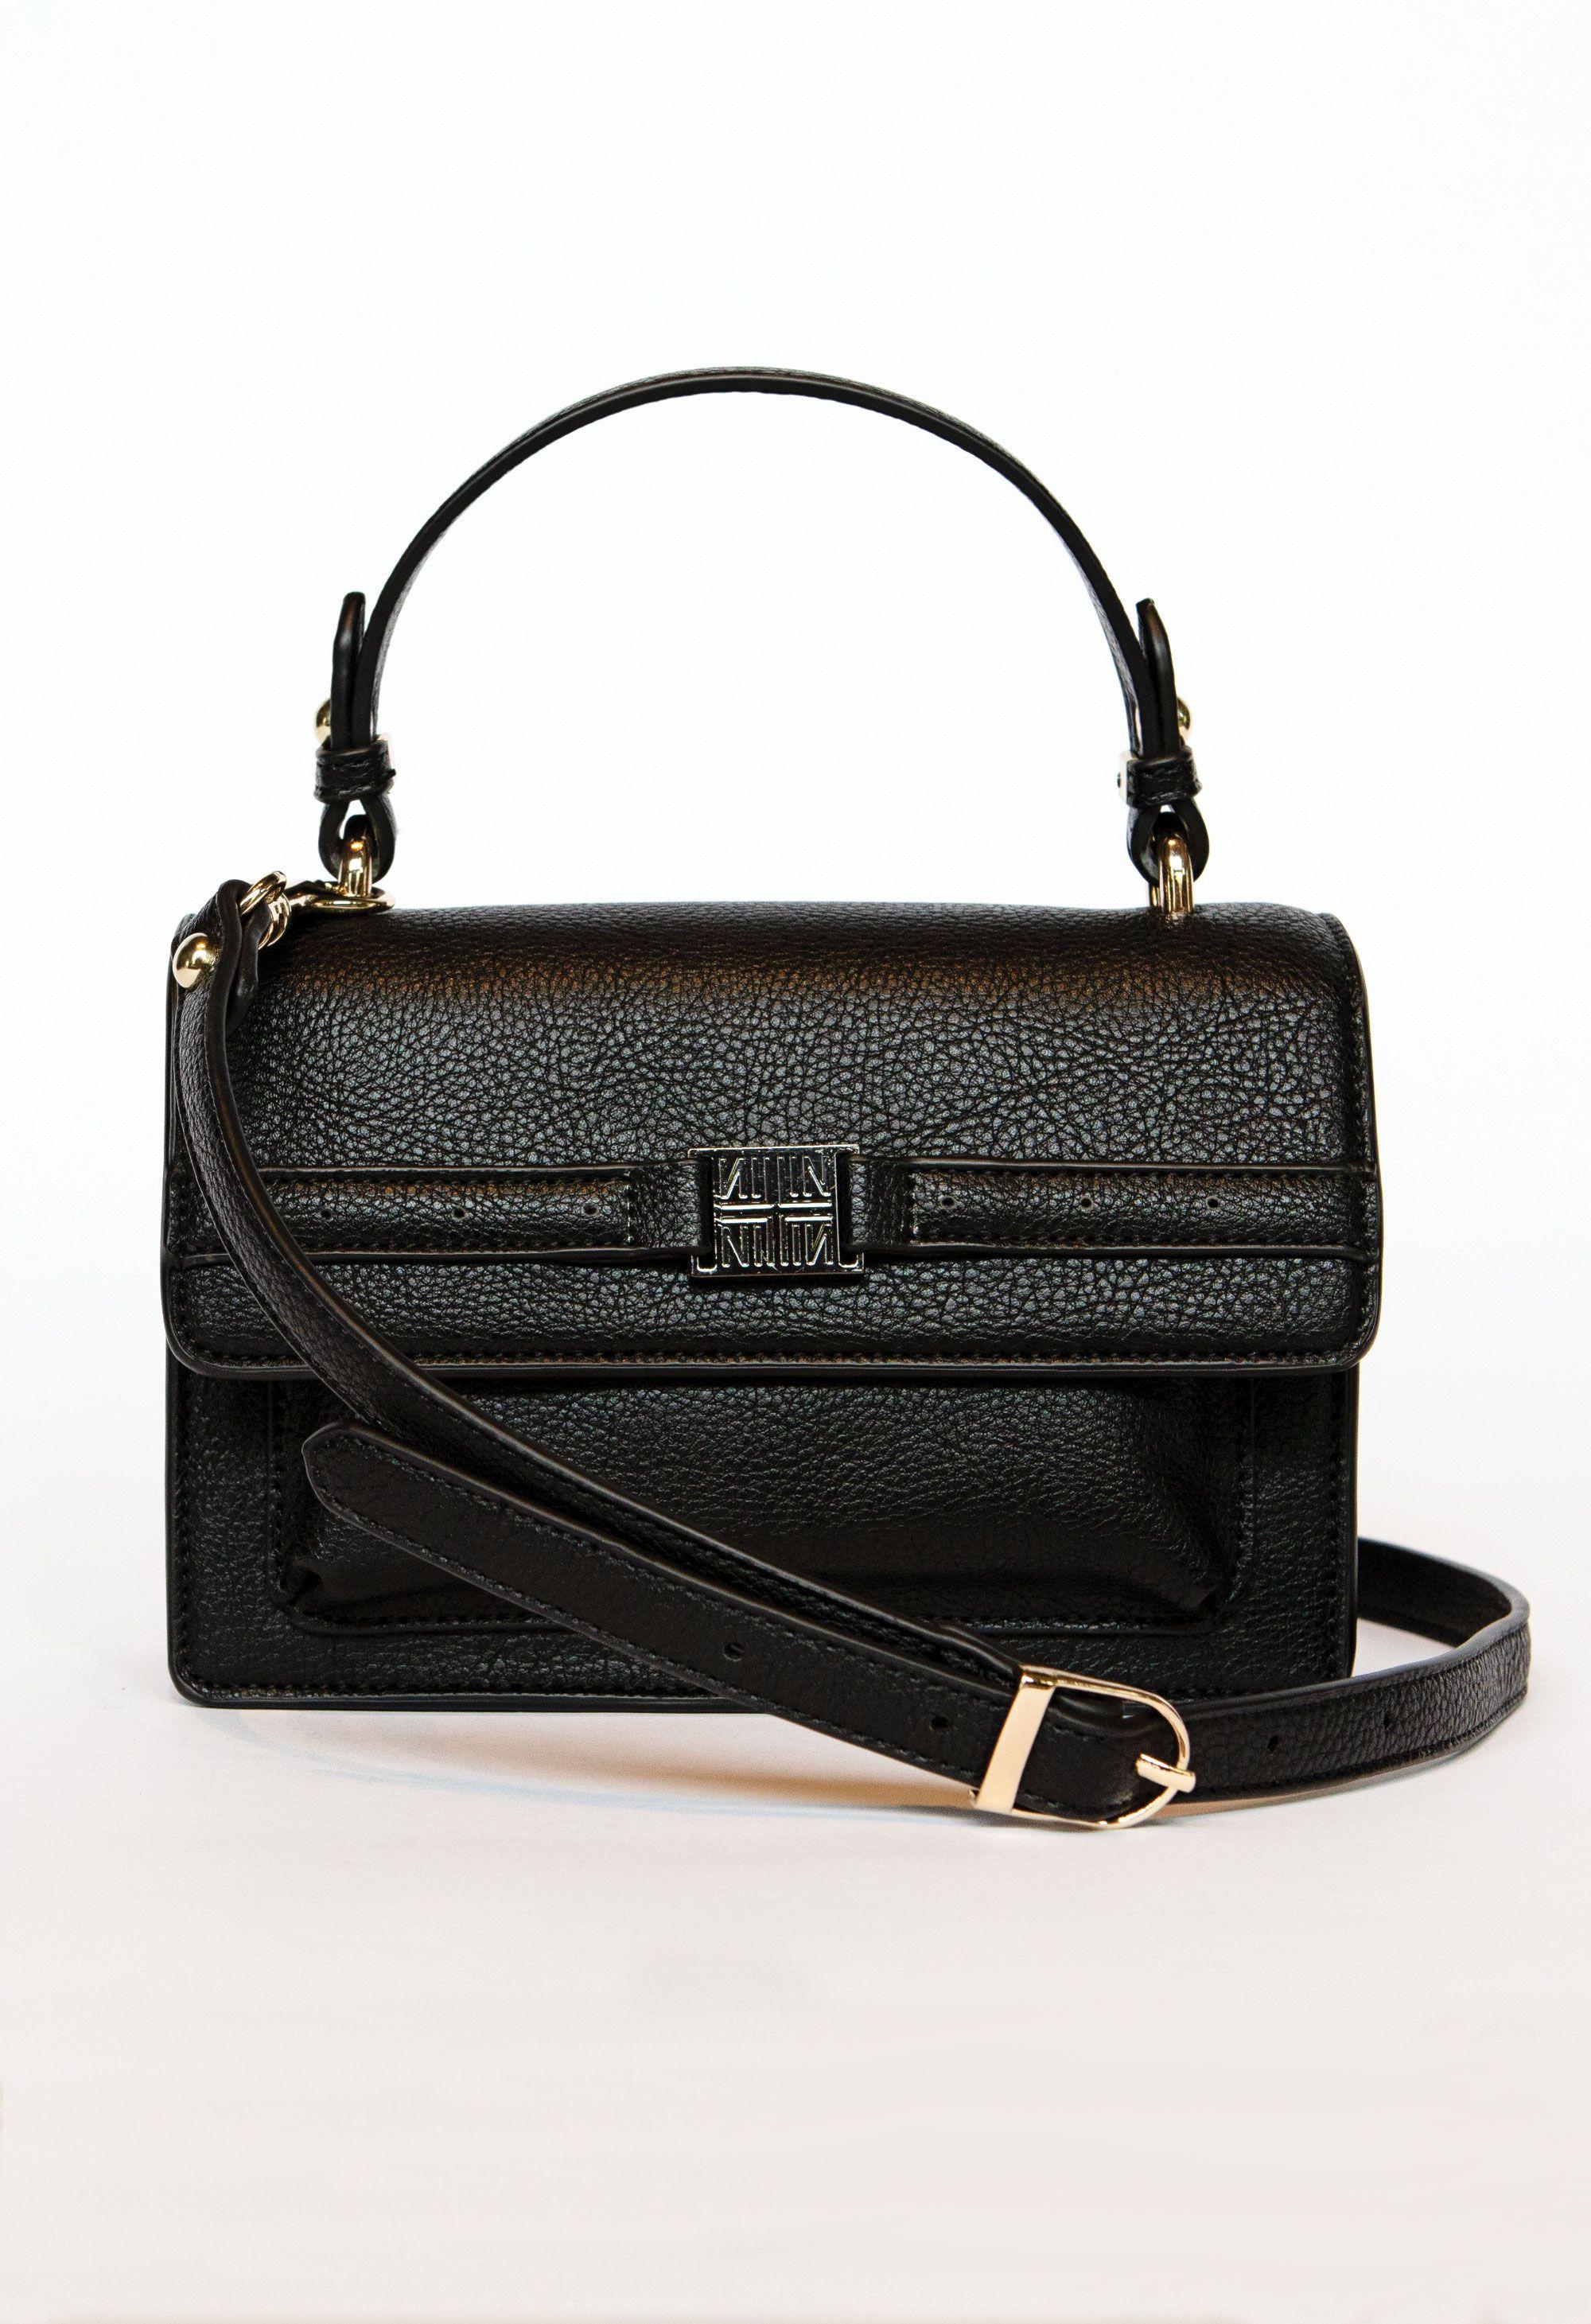 095a659150e0 13 Cute Crossbody Bags — Women's Crossbody Bags